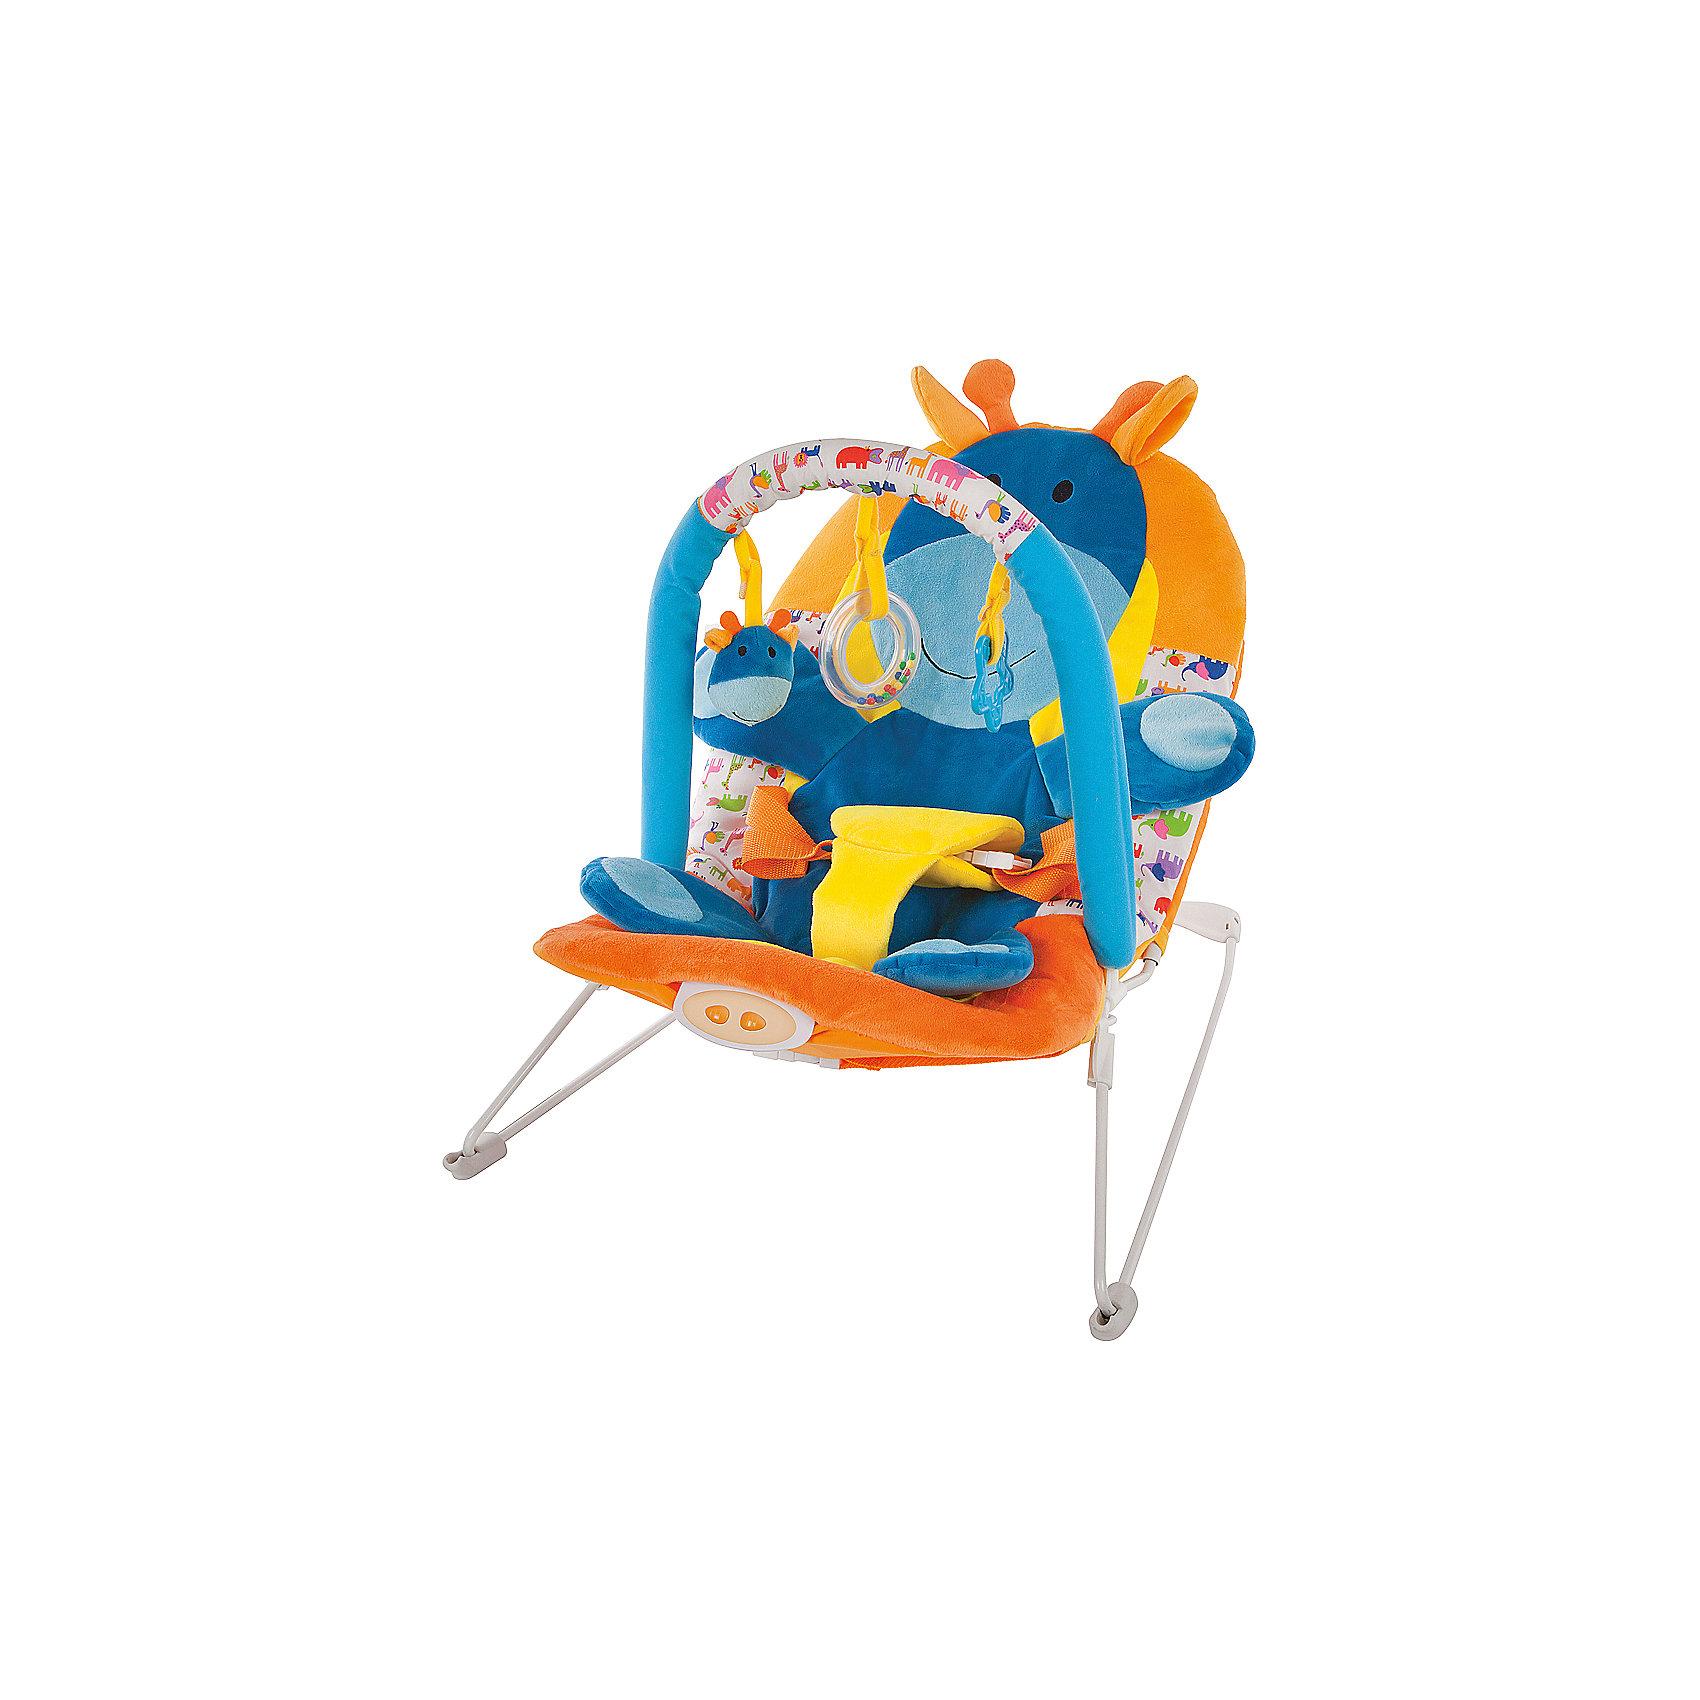 Кресло-качалка Жирафики Жирафик с вибрацией и музыкойКресла-качалки<br>Характеристики:<br><br>• дуга с тремя игрушками;<br>• анатомическое строение кресла;<br>• режим вибрации;<br>• встроенная музыка;<br>• трехточечные ремни;<br>• возраст: с рождения;<br>• материал: текстиль, пластик, металл;<br>• размер упаковки: 39х8х52 см;<br>• вес: 2,67 кг;<br>• страна бренда: Россия.<br><br>Кресло-качалка - хороший помощник для родителей. Оно развлечет и успокоит малыша, пока мама занимается своими делами. <br><br>Кресло имеет дугу с тремя развивающими игрушками, которые малыш с интересом будет рассматривать и хватать ручками.<br><br>Встроенная музыка и режим вибрации помогут успокоить малыша, если он расстроен. Для безопасности ребенка предусмотрены трехточечные ремни.<br><br>Кресло подходит для детей с рождения. Оно имеет анатомическую форму, удобную для положения полулёжа.<br><br>Кресло-качалку Жирафик с 3-мя игрушками, вибрацией и музыкой, Жирафики можно купить в нашем интернет-магазине.<br><br>Ширина мм: 520<br>Глубина мм: 80<br>Высота мм: 390<br>Вес г: 2667<br>Возраст от месяцев: -2147483648<br>Возраст до месяцев: 2147483647<br>Пол: Унисекс<br>Возраст: Детский<br>SKU: 6846898